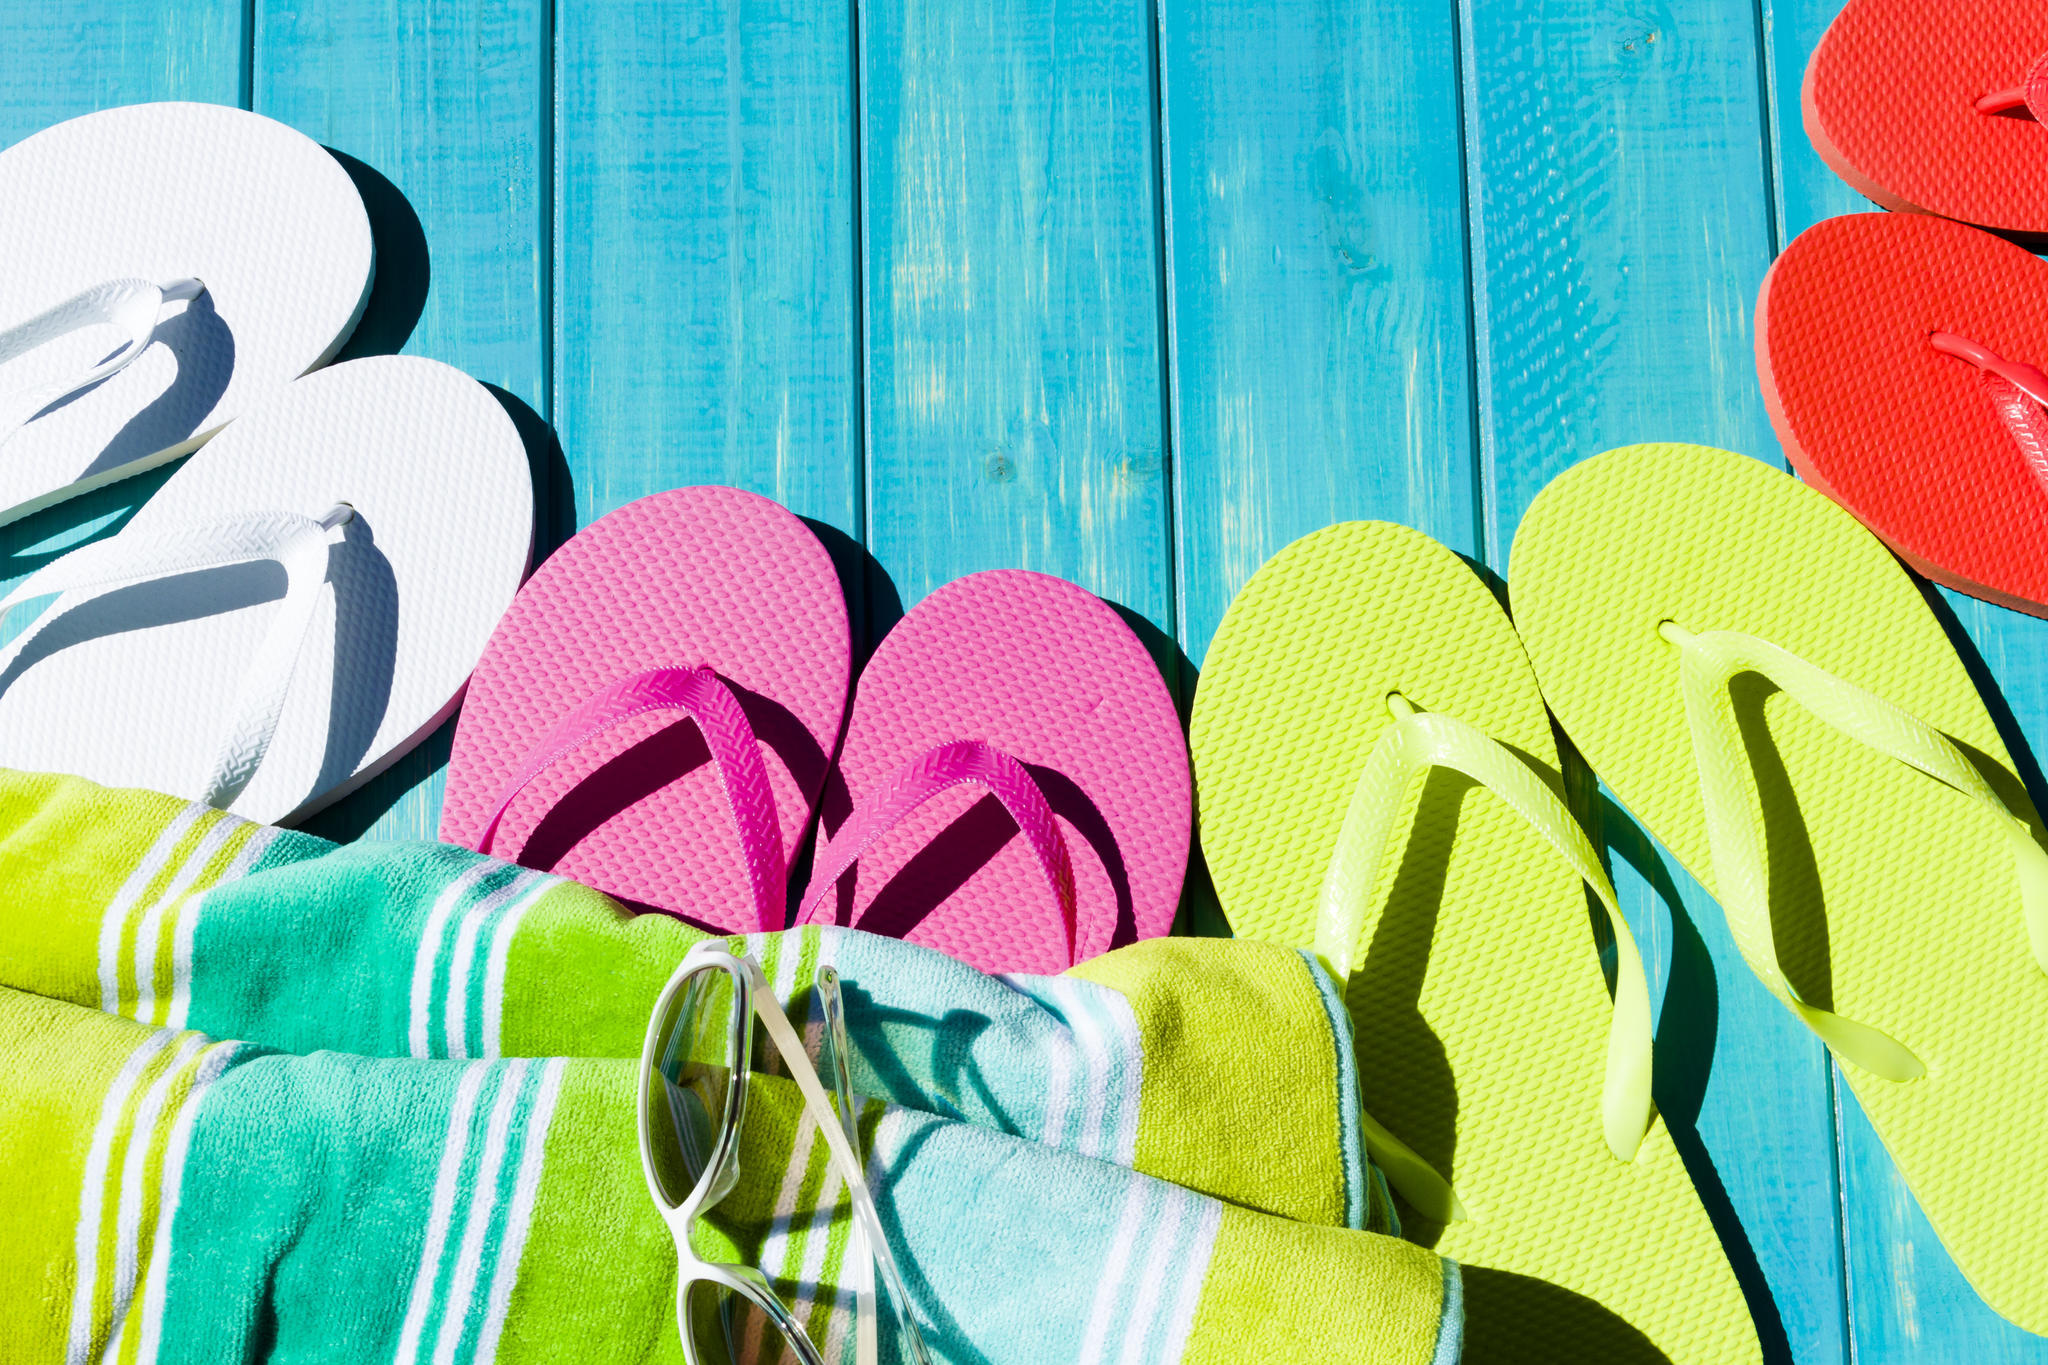 Im Schwimmbad sollten Badeschuhe getragen werden, um Fußpilz keine Chance zu geben.